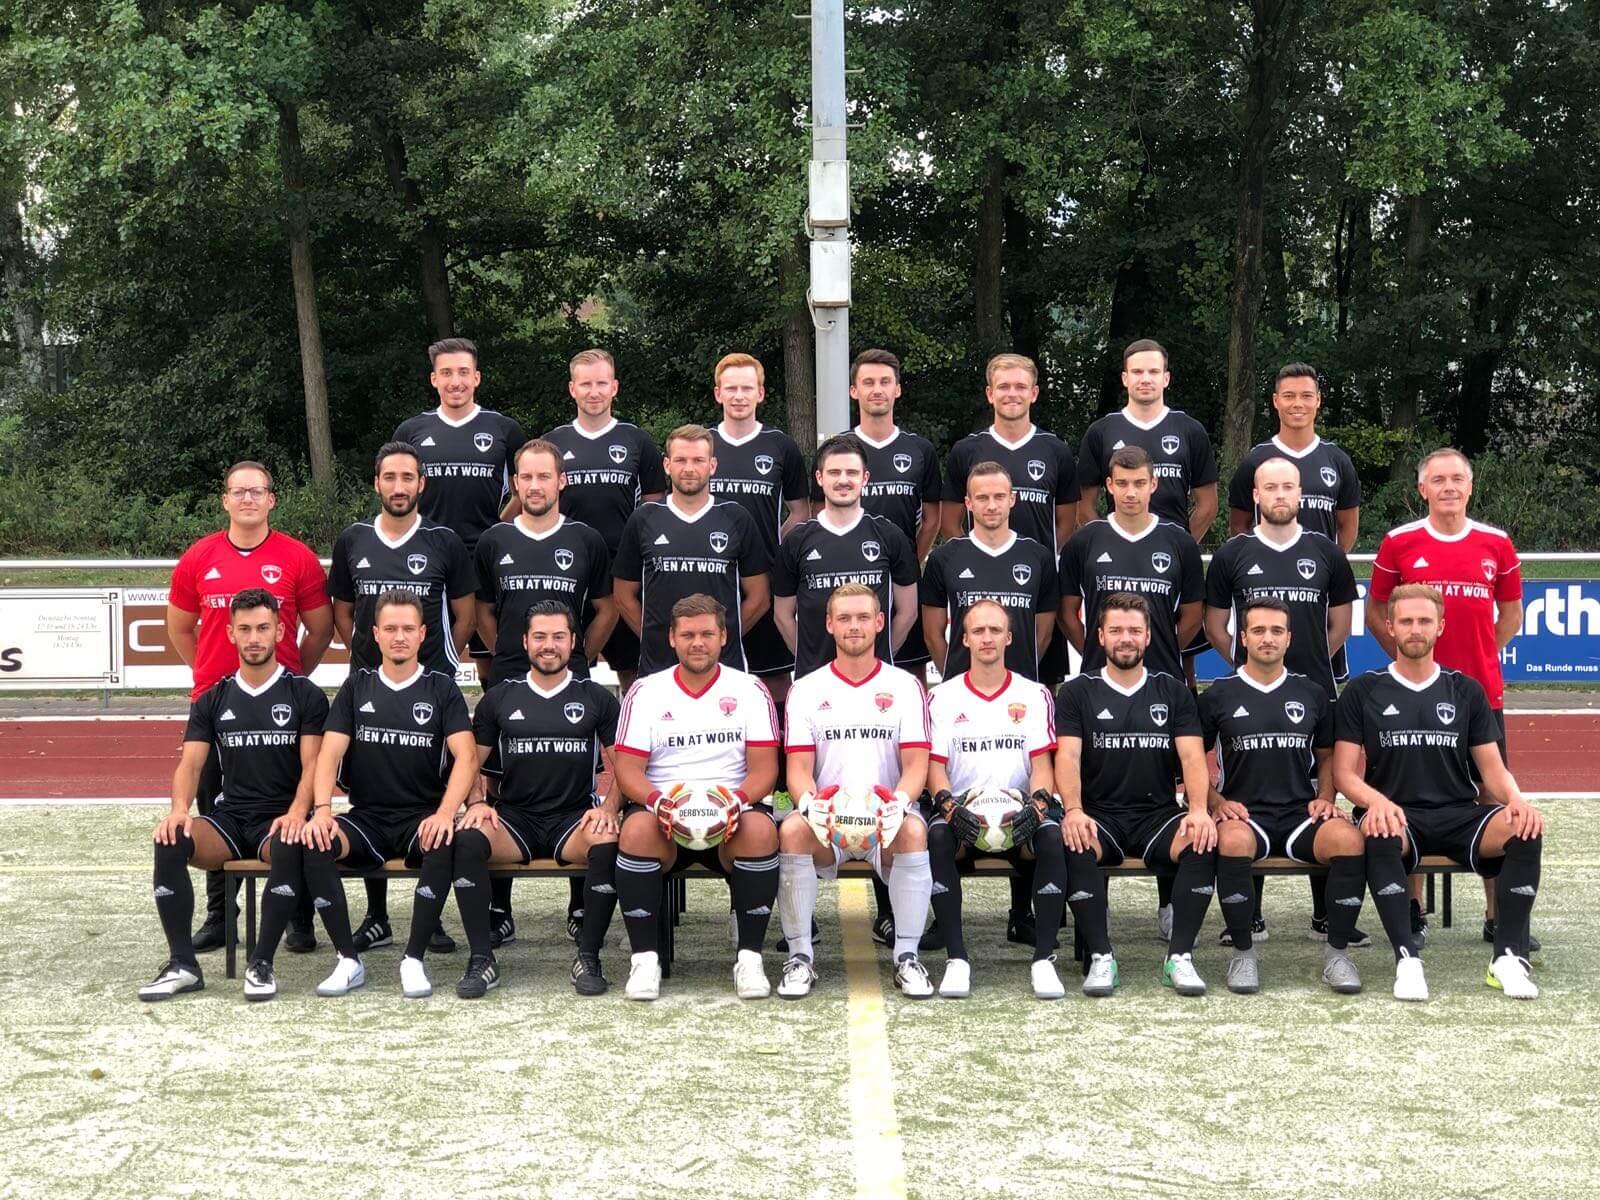 Post TSV Detmold 1. Mannschaft Bezirksliga Westfalen Staffel 2 - Mannschaftsfoto 2017/2018